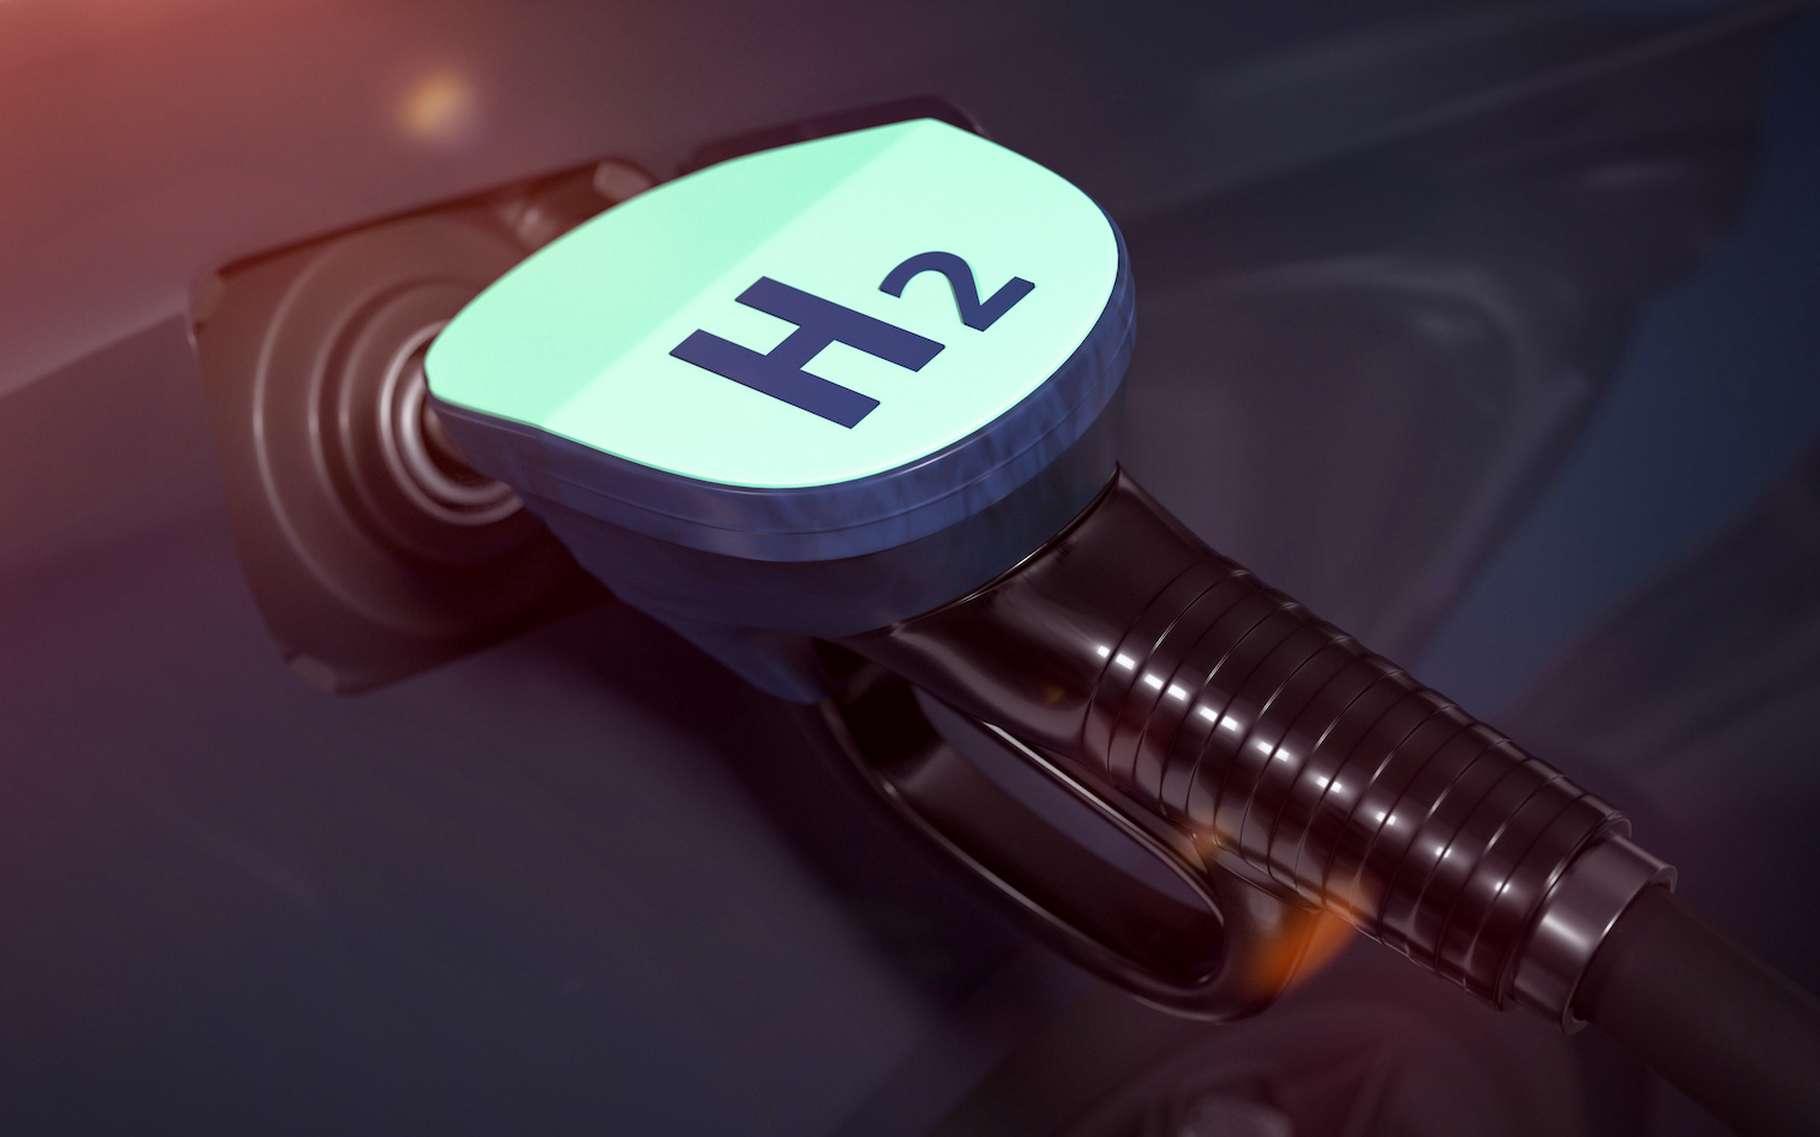 La voiture à hydrogène est l'une des solutions offertes au problème de la mobilité individuelle de demain. Mais seulement l'une des solutions. © fotomek, Adobe Stock